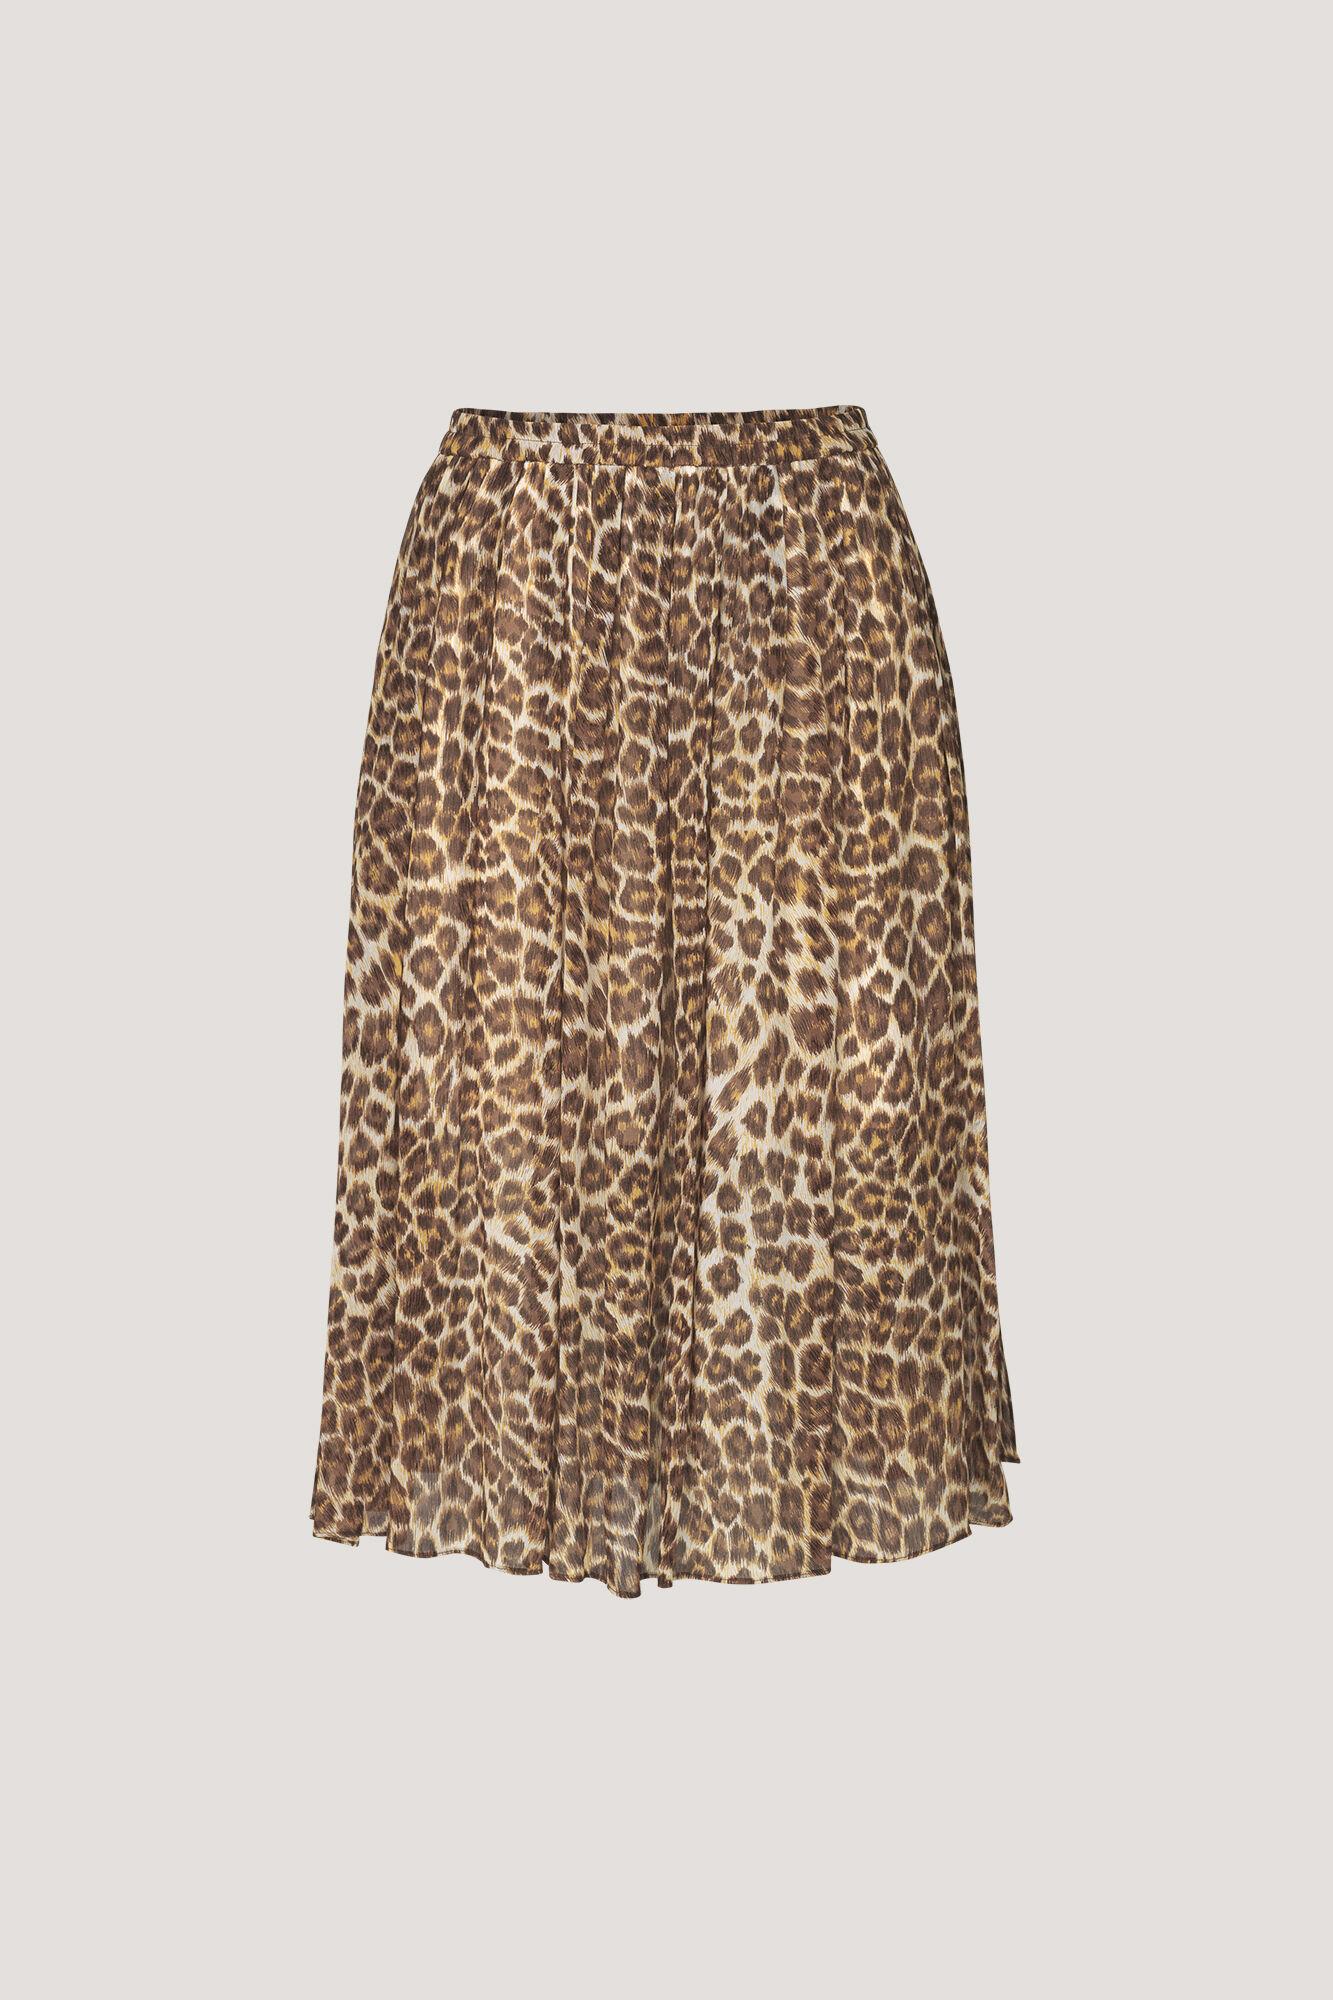 Picolo skirt aop 3459